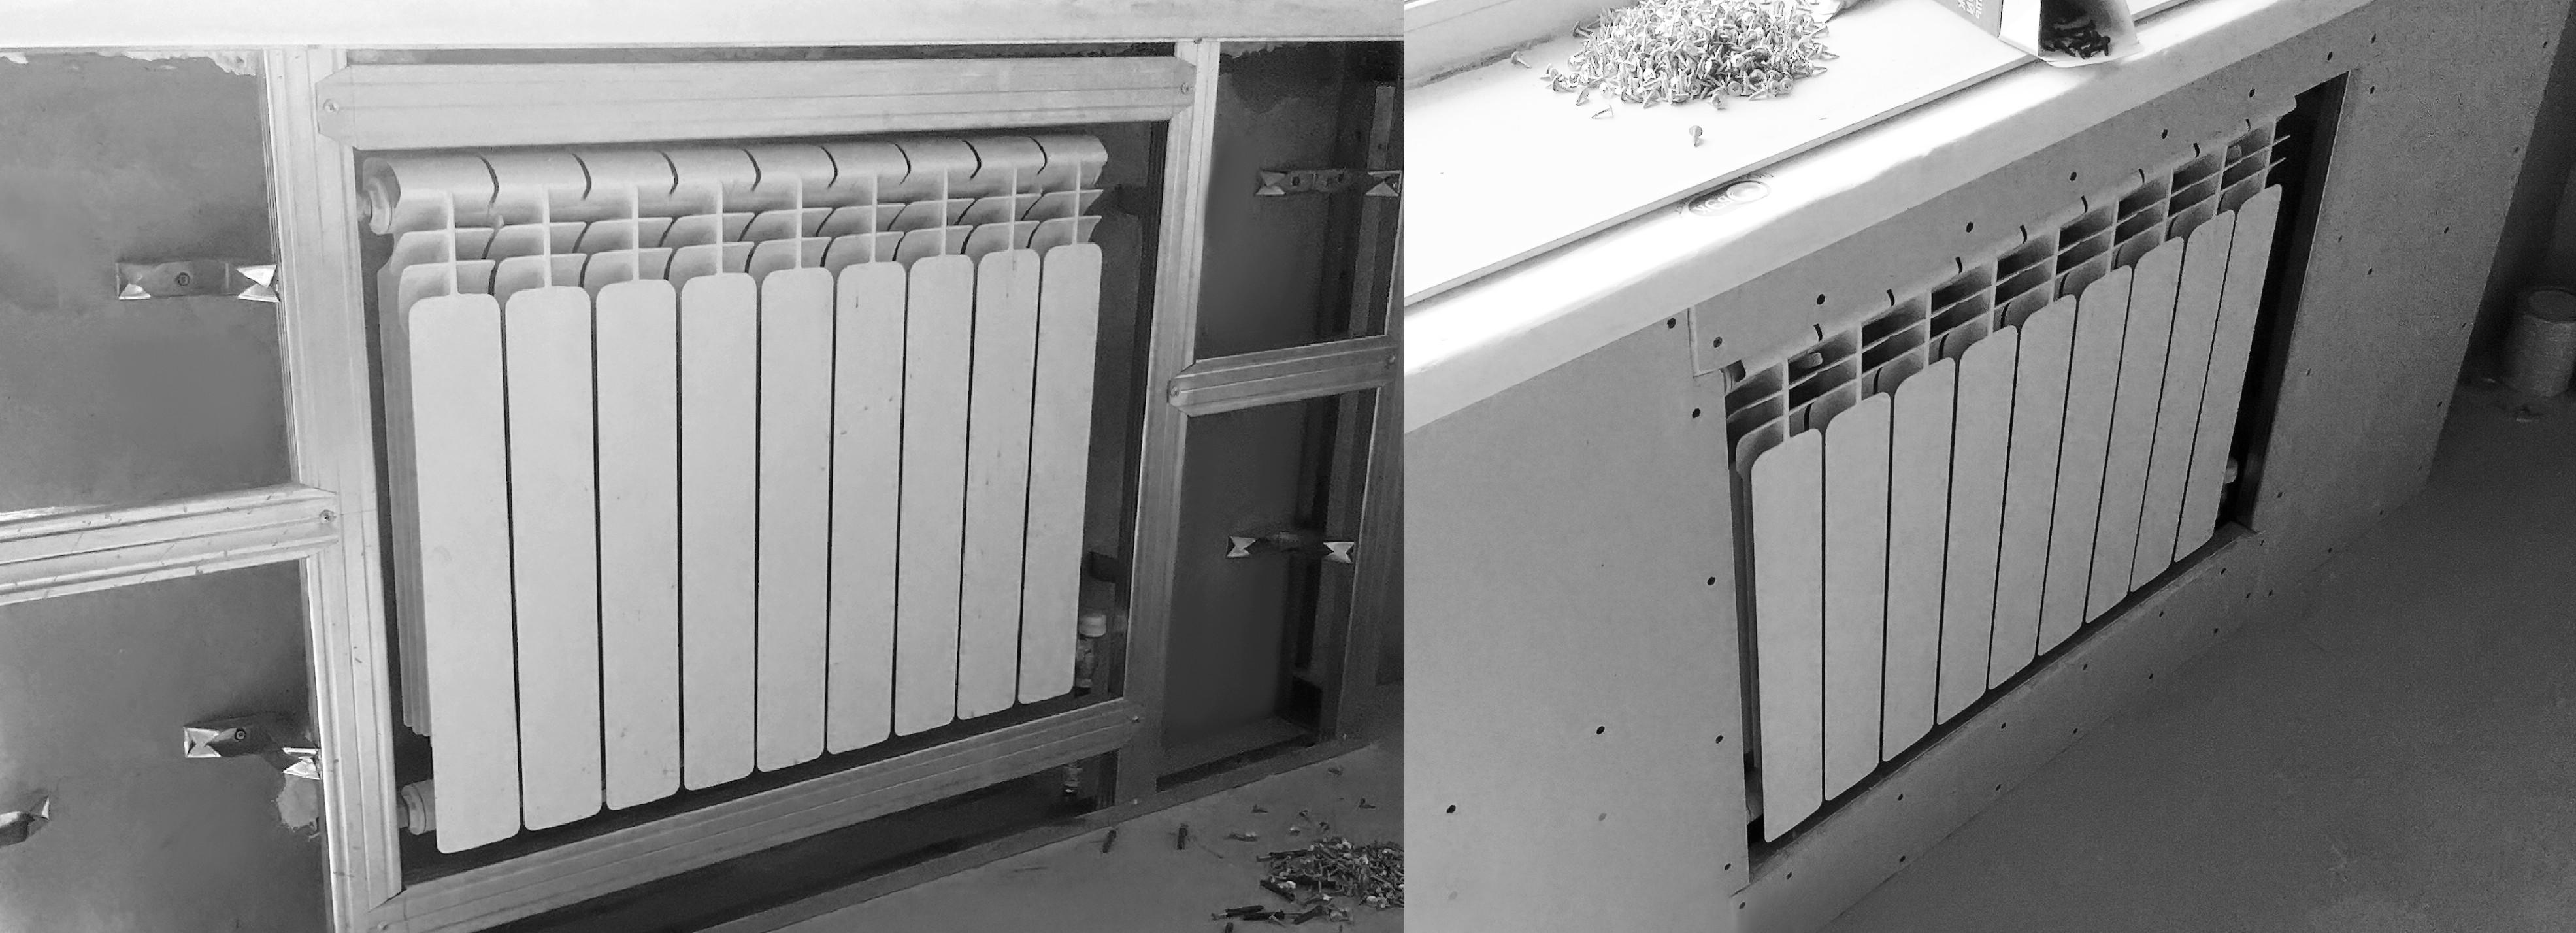 спрятать радиатор отопления гипсокартон